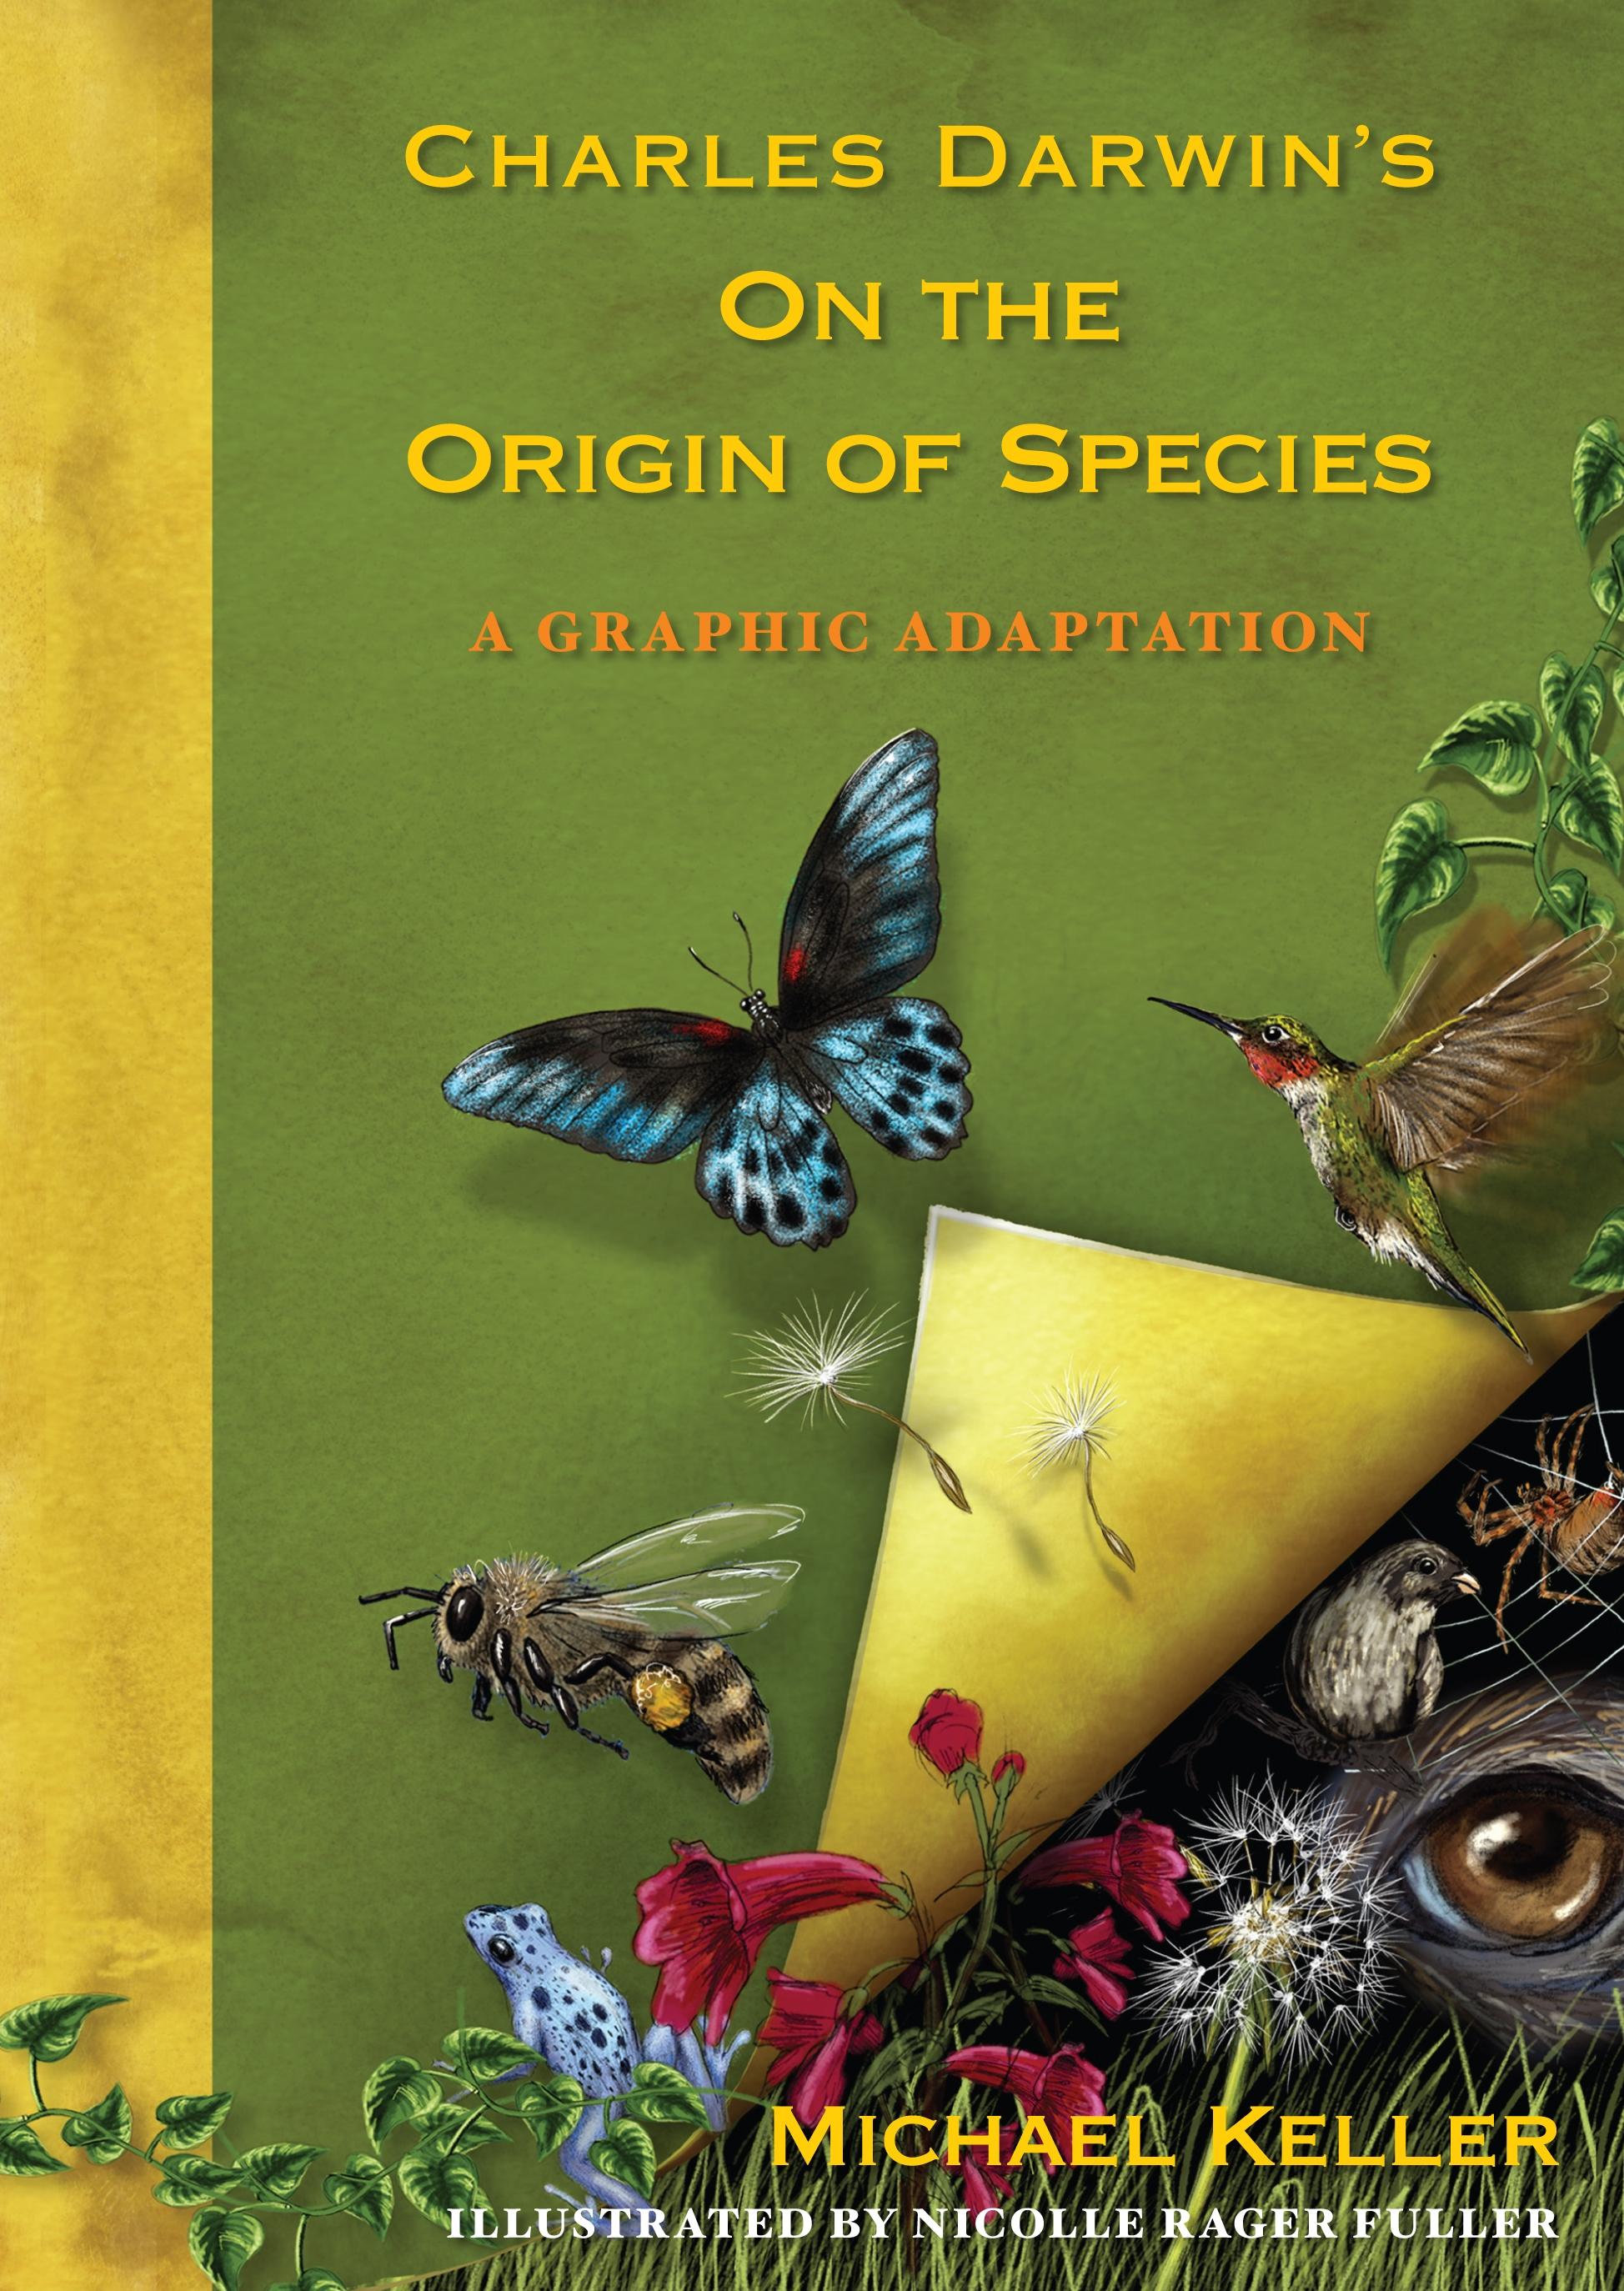 OriginOfSpeciesHiRes.JPG